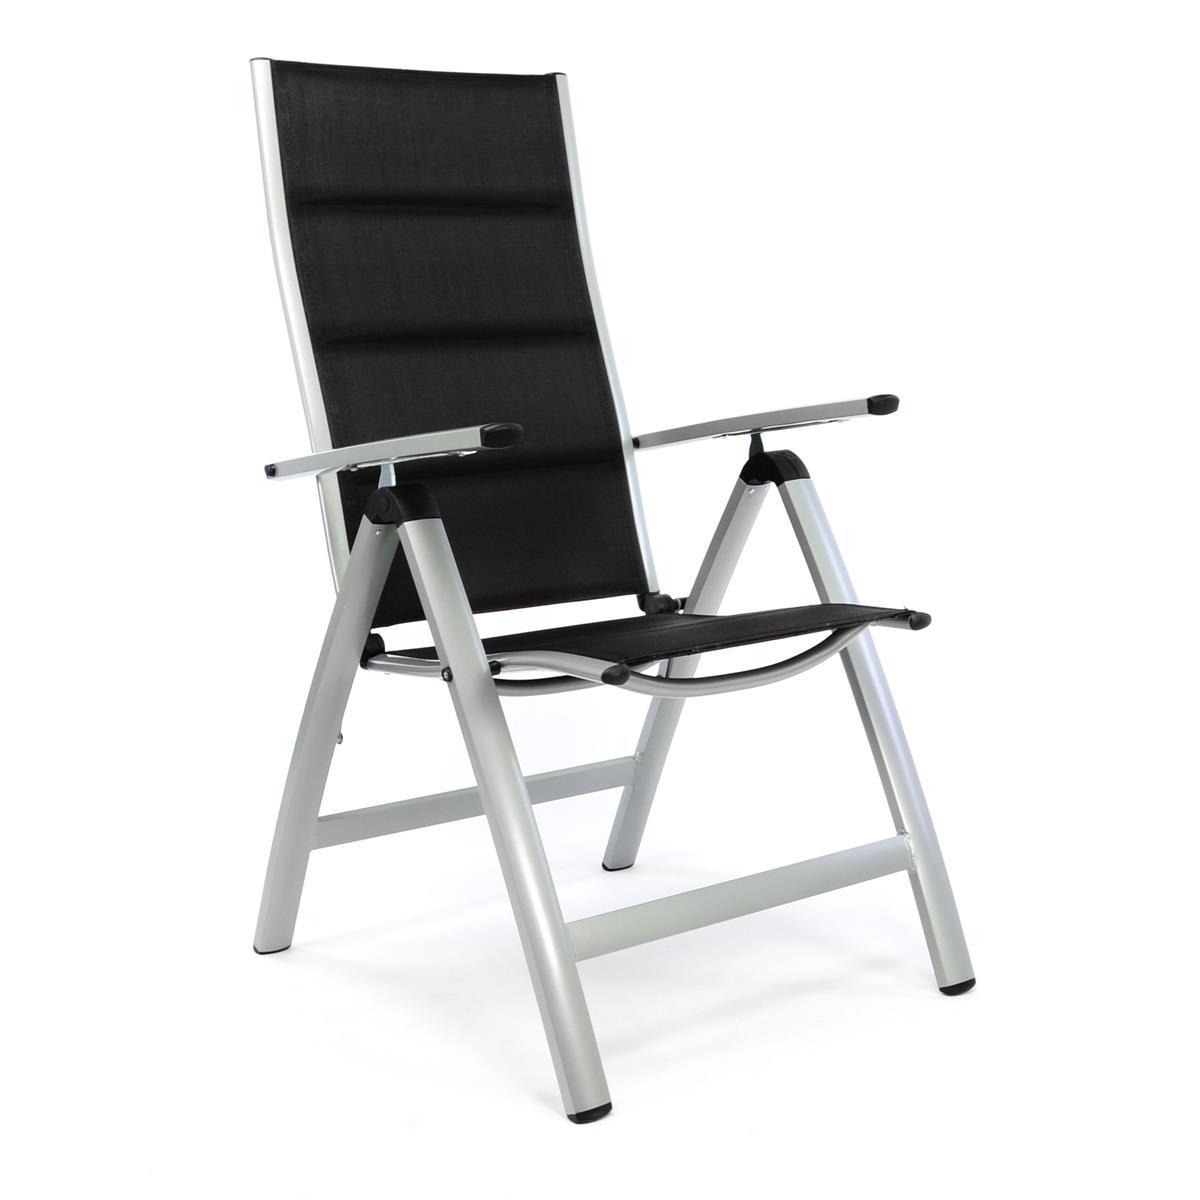 Deluxe Alu Klappstuhl gepolstert - Textilene schwarz - Rahmen hellgrau - Camping